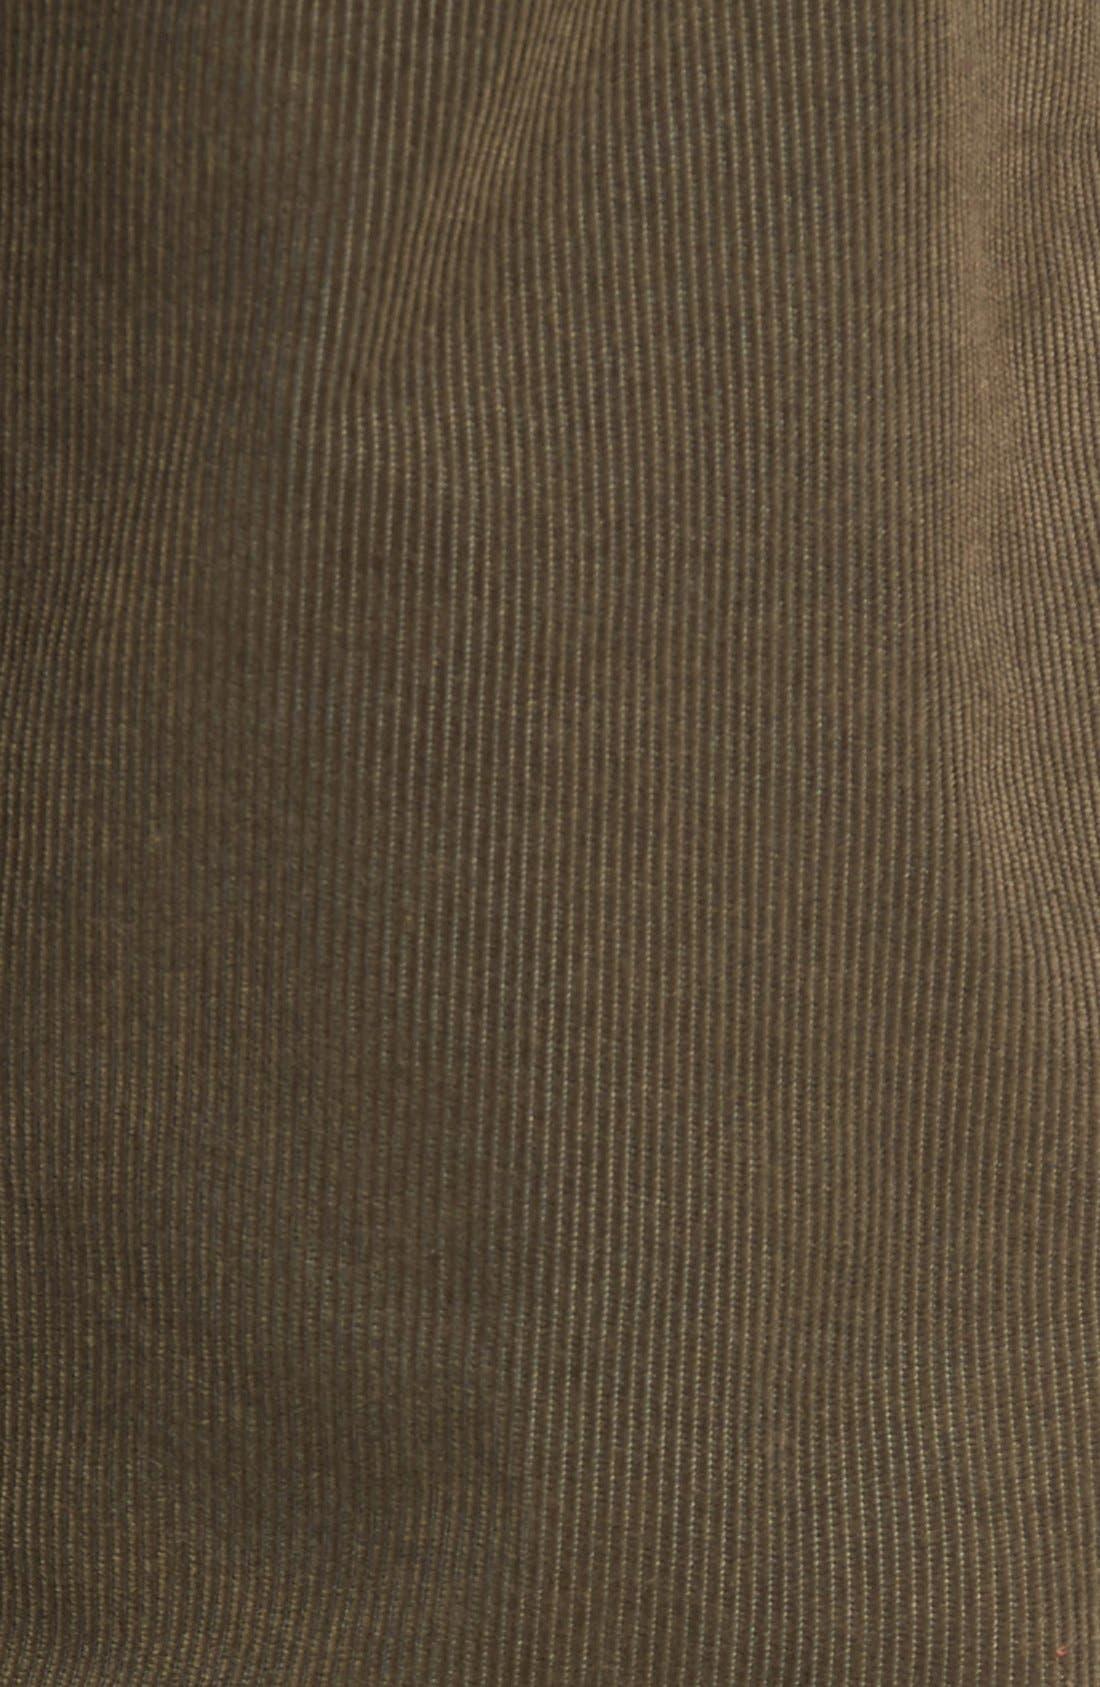 Slim Fit Corduroy Pants,                             Alternate thumbnail 5, color,                             Sage